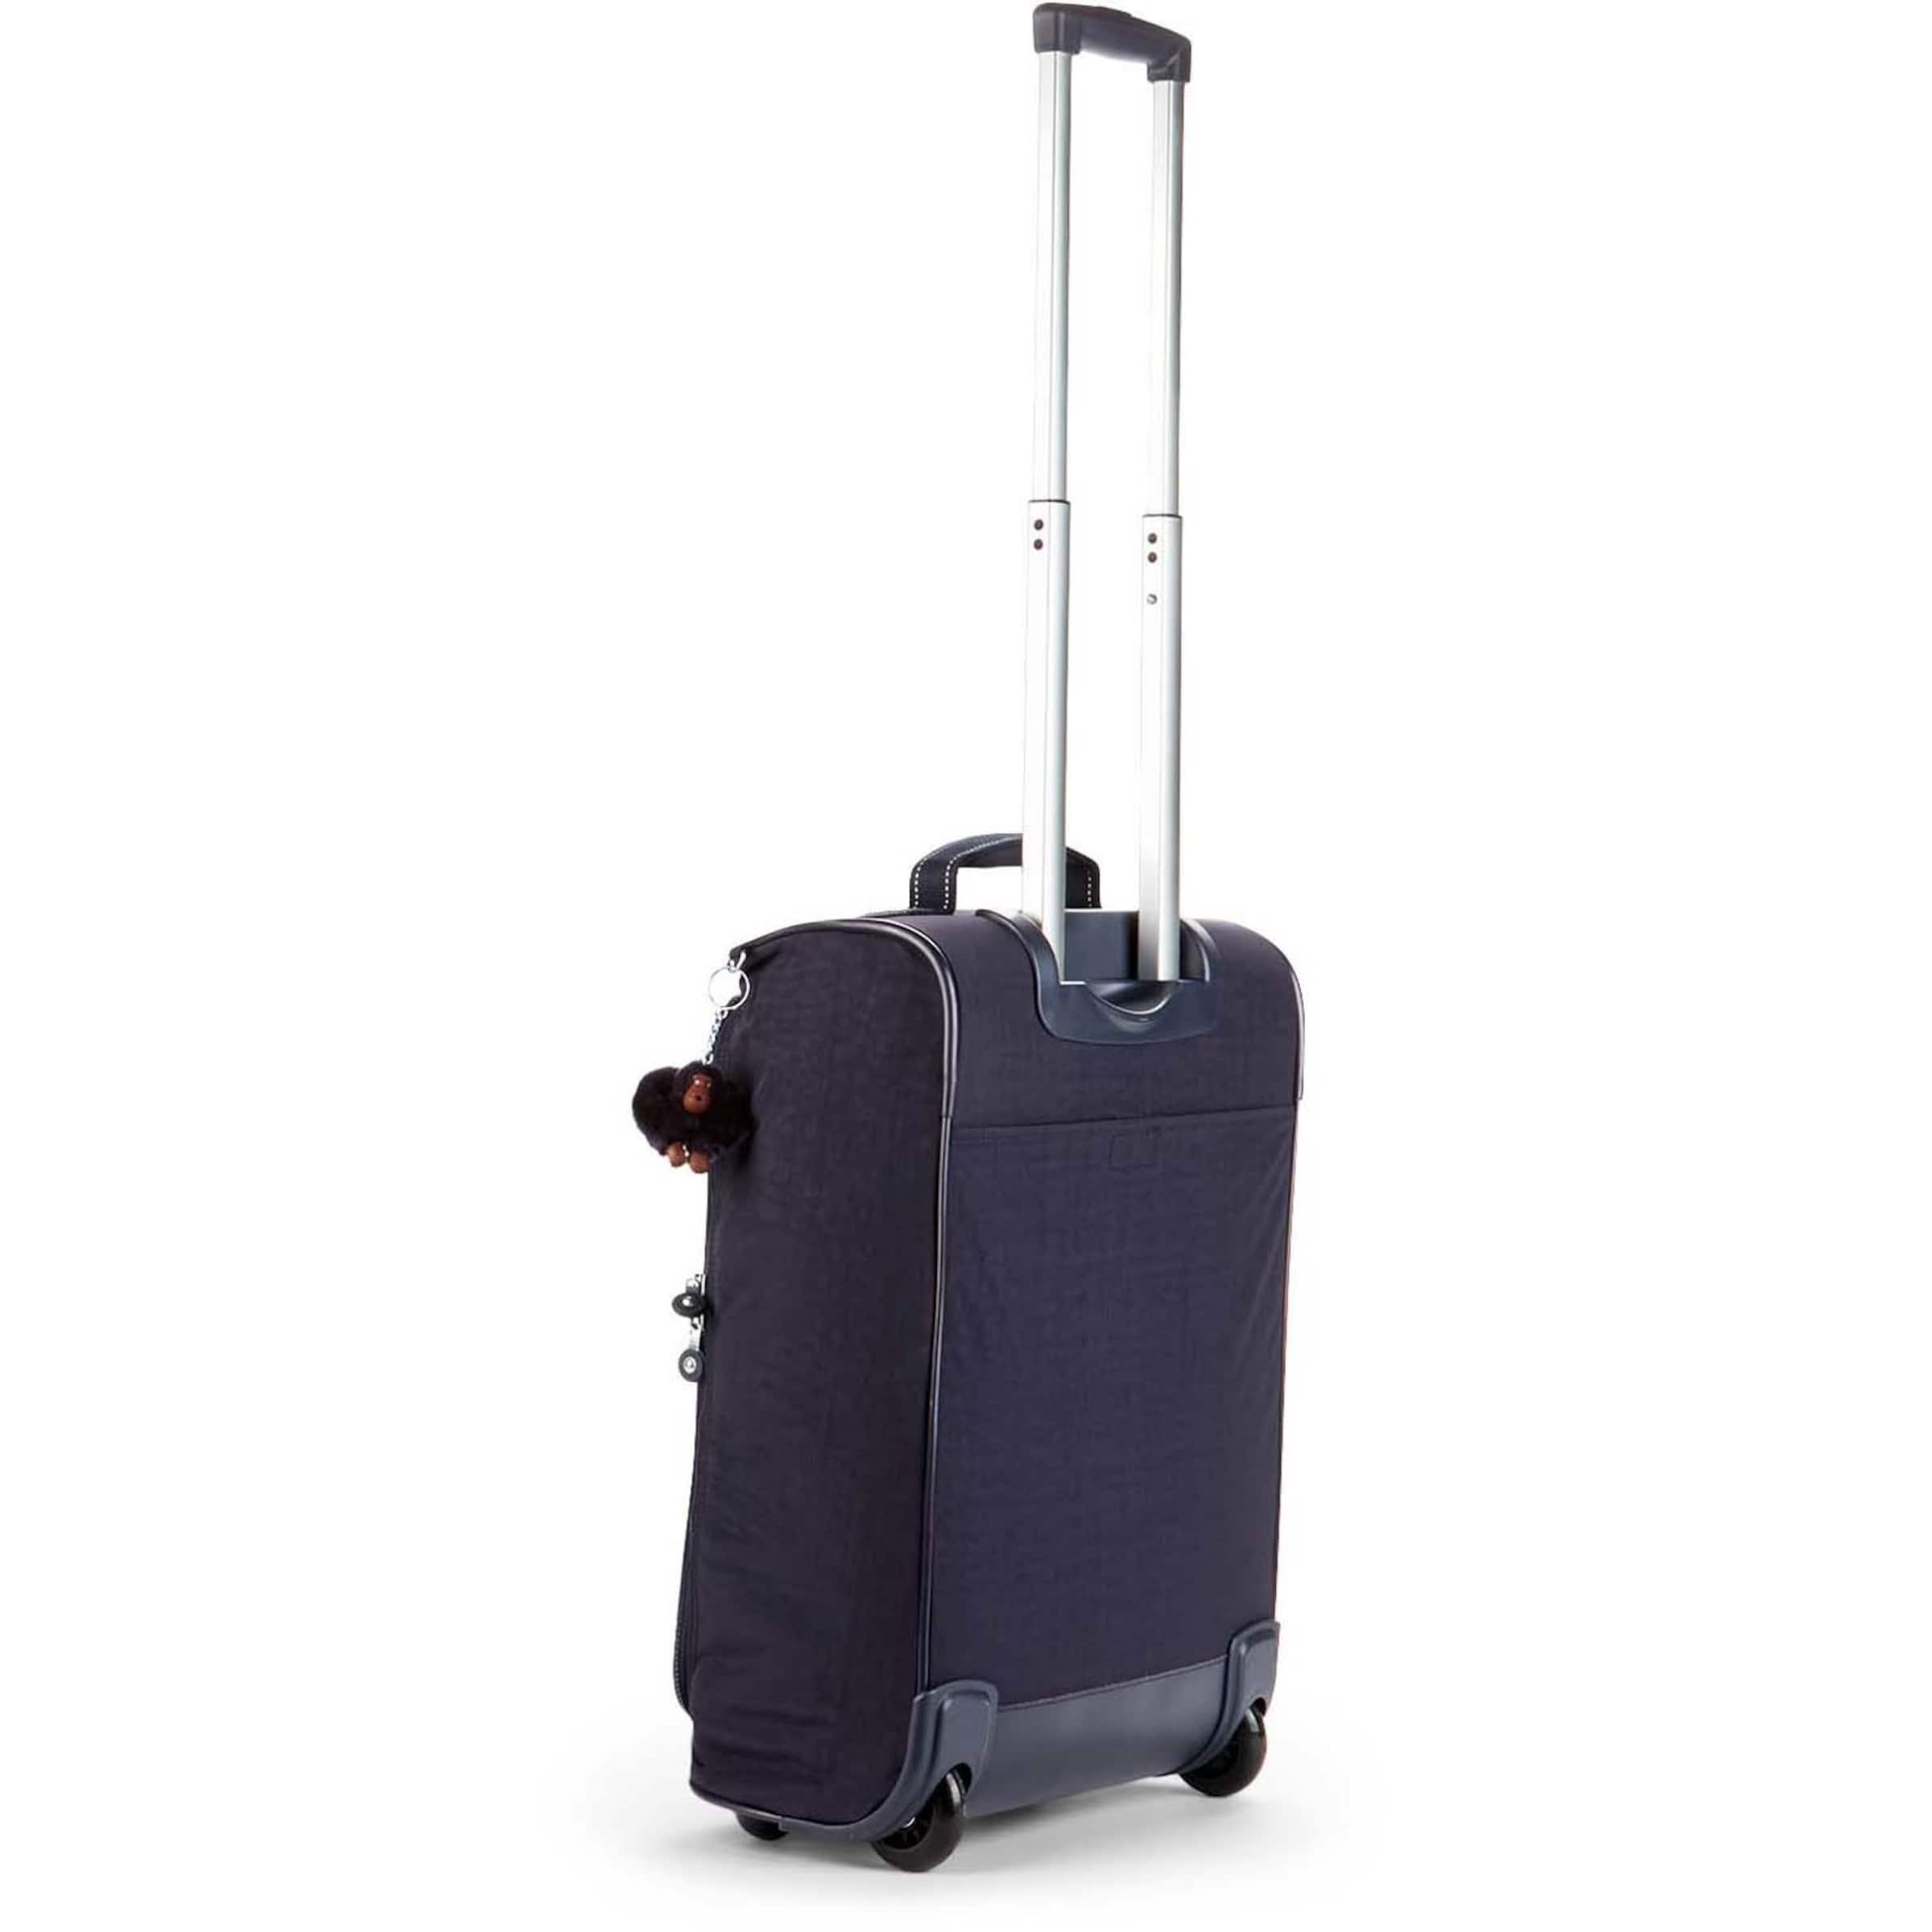 KIPLING Basic Teagan 18 XS 2-Rollen Reisetasche 50 cm Günstig Kaufen Fabrikverkauf Billig Verkauf Offiziell EsrYld4